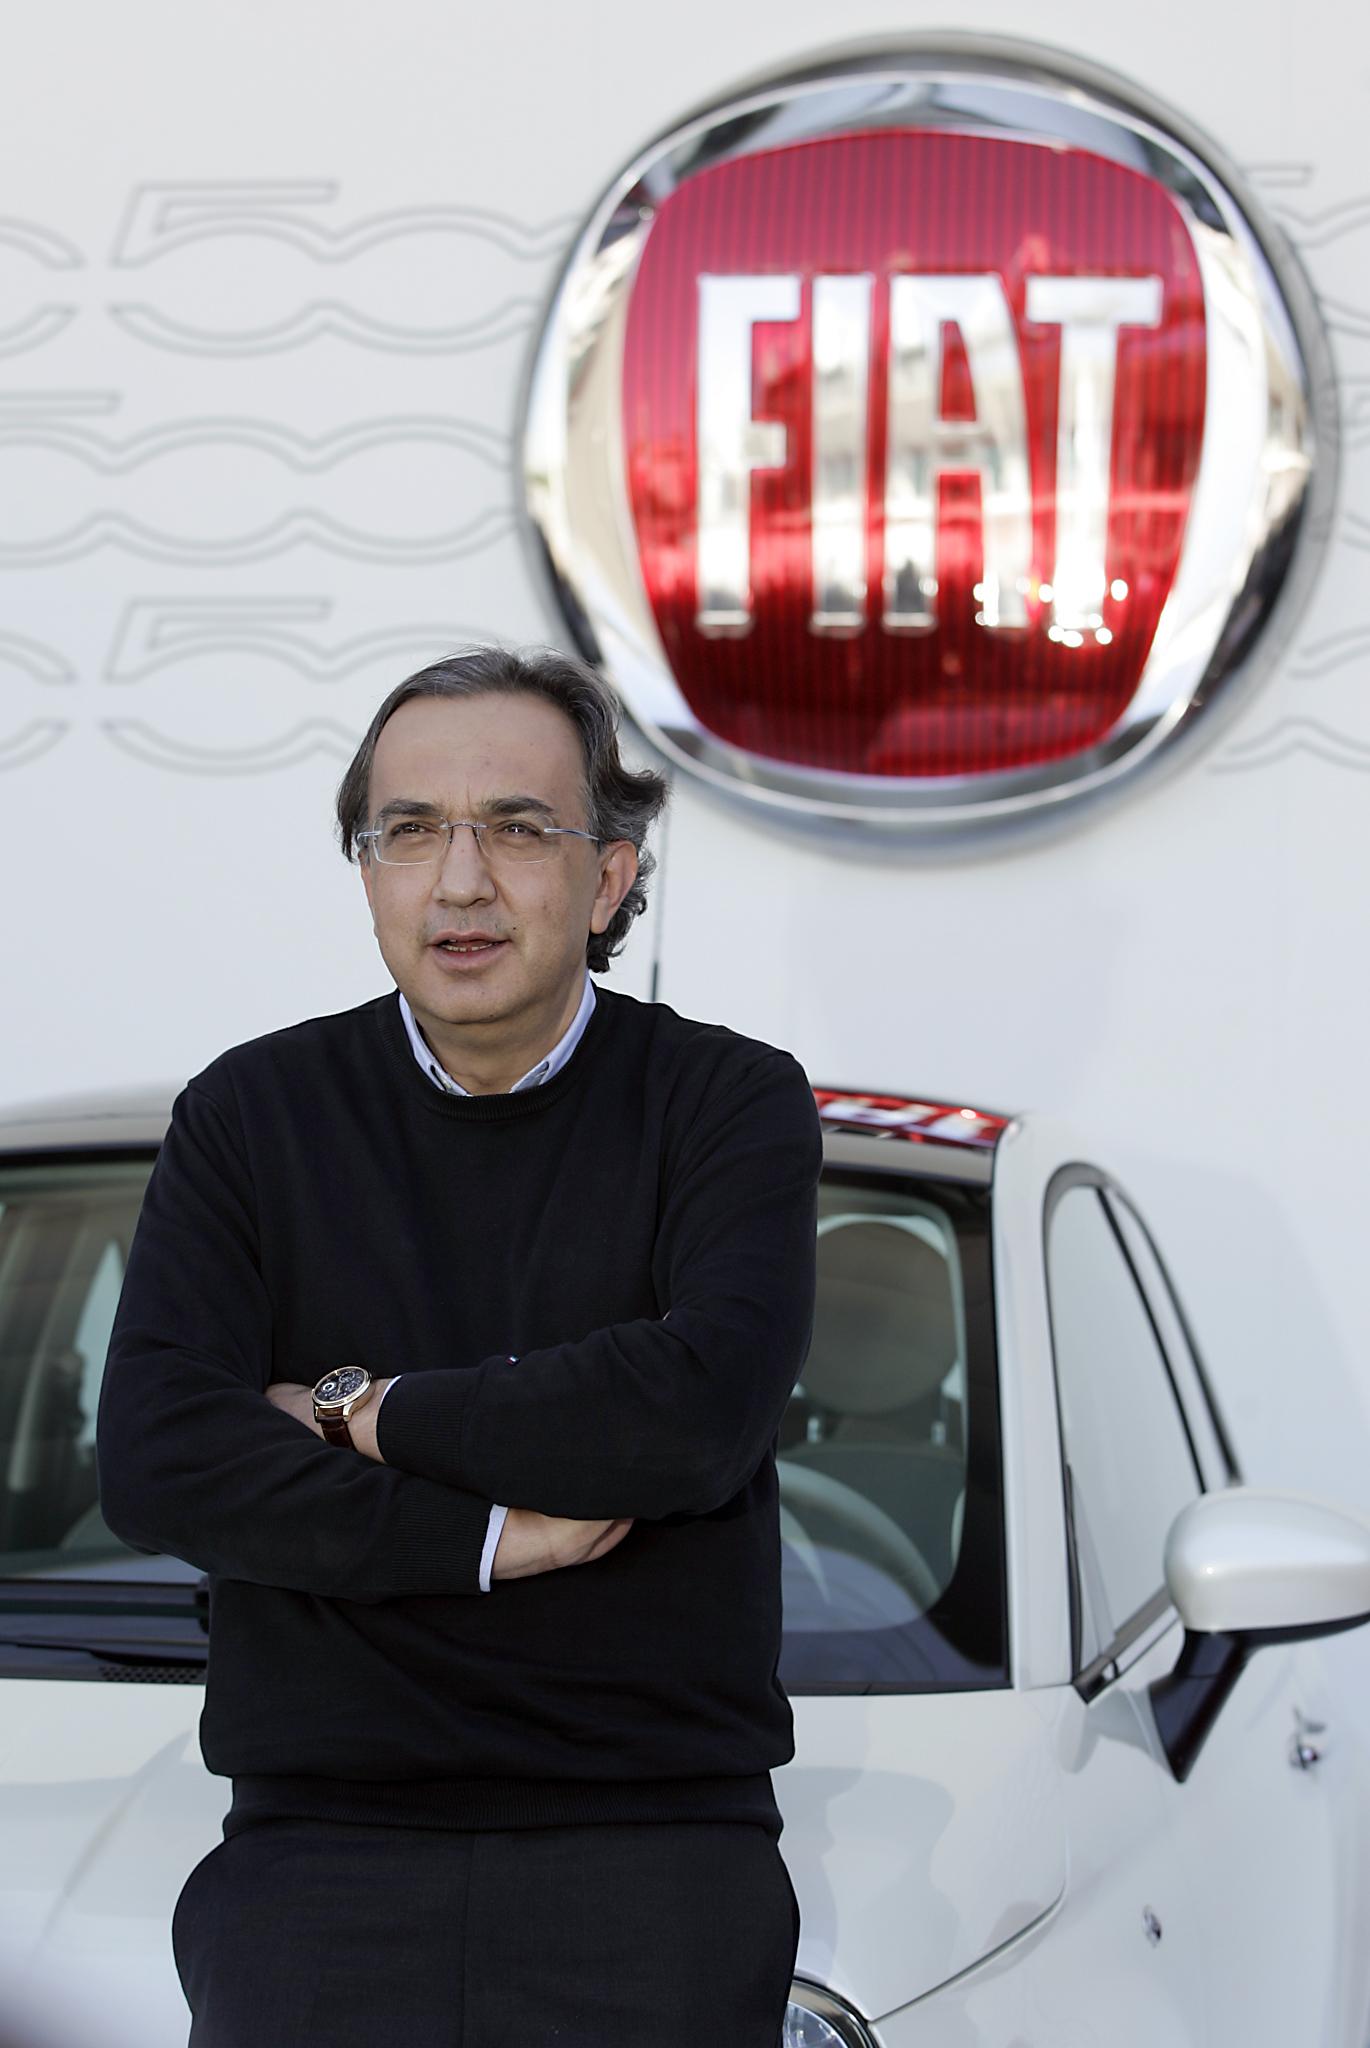 Fiat Sergio Marchionne.jpg